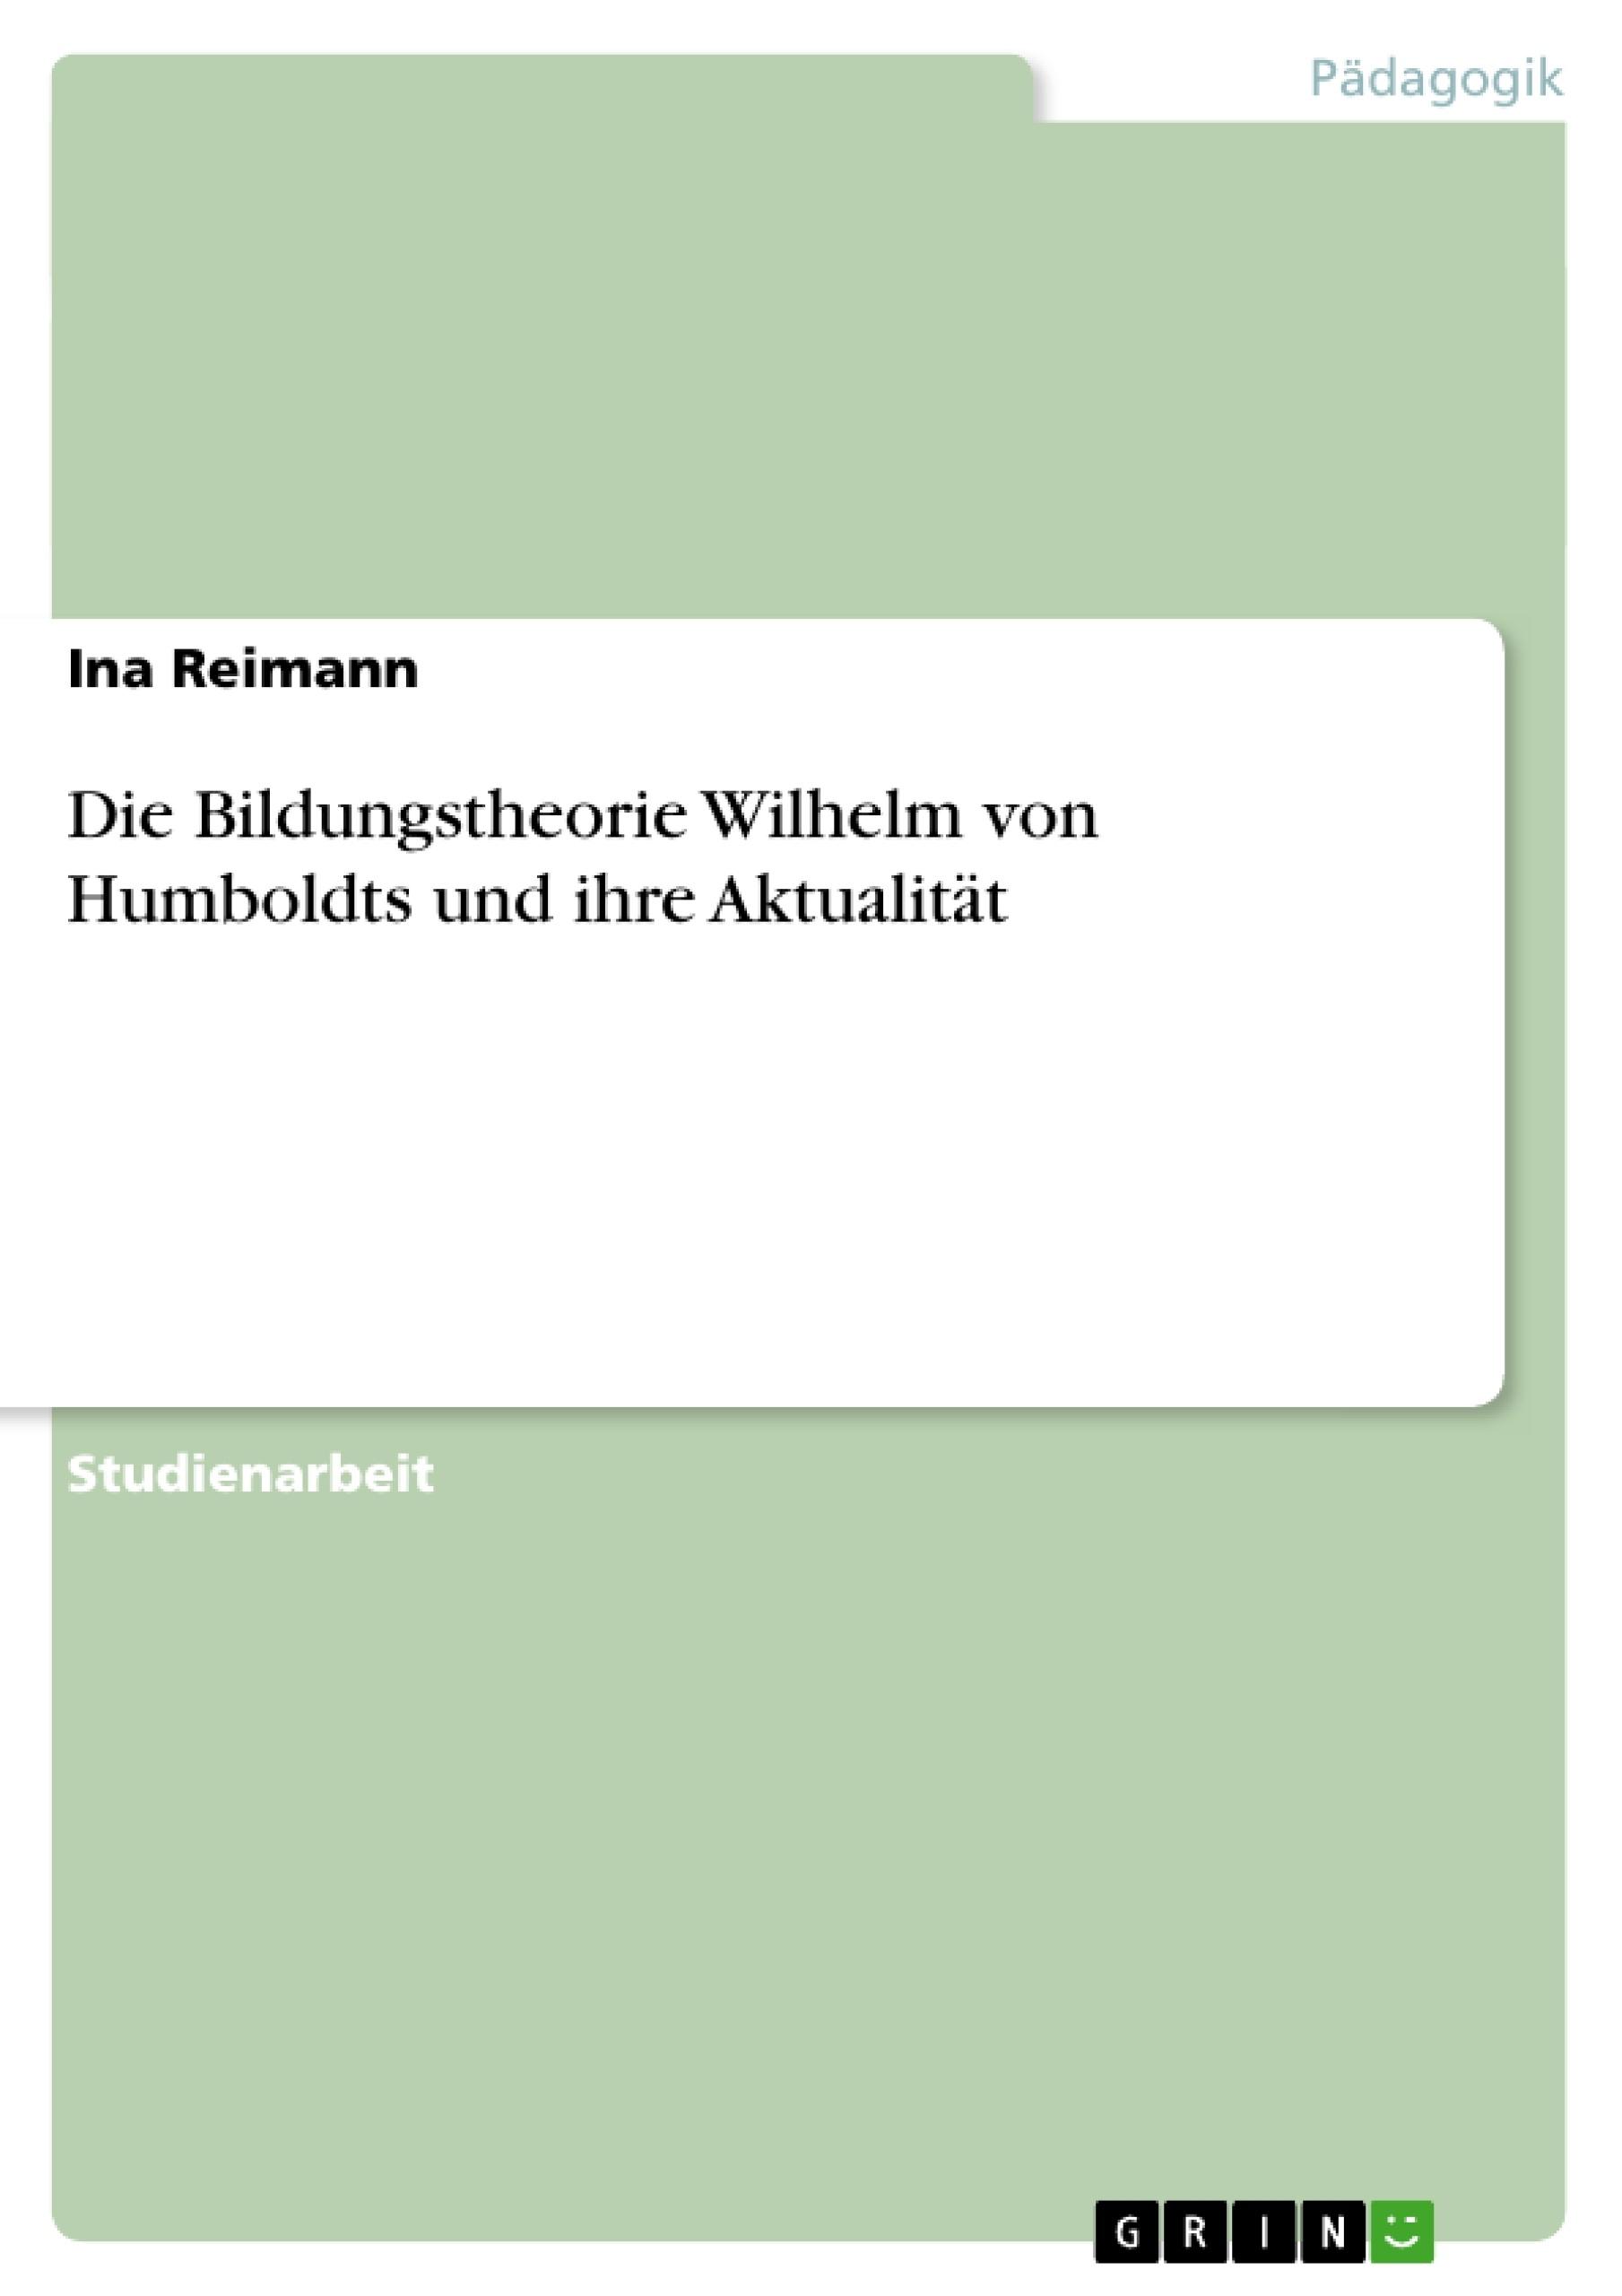 Titel: Die Bildungstheorie Wilhelm von Humboldts und ihre Aktualität